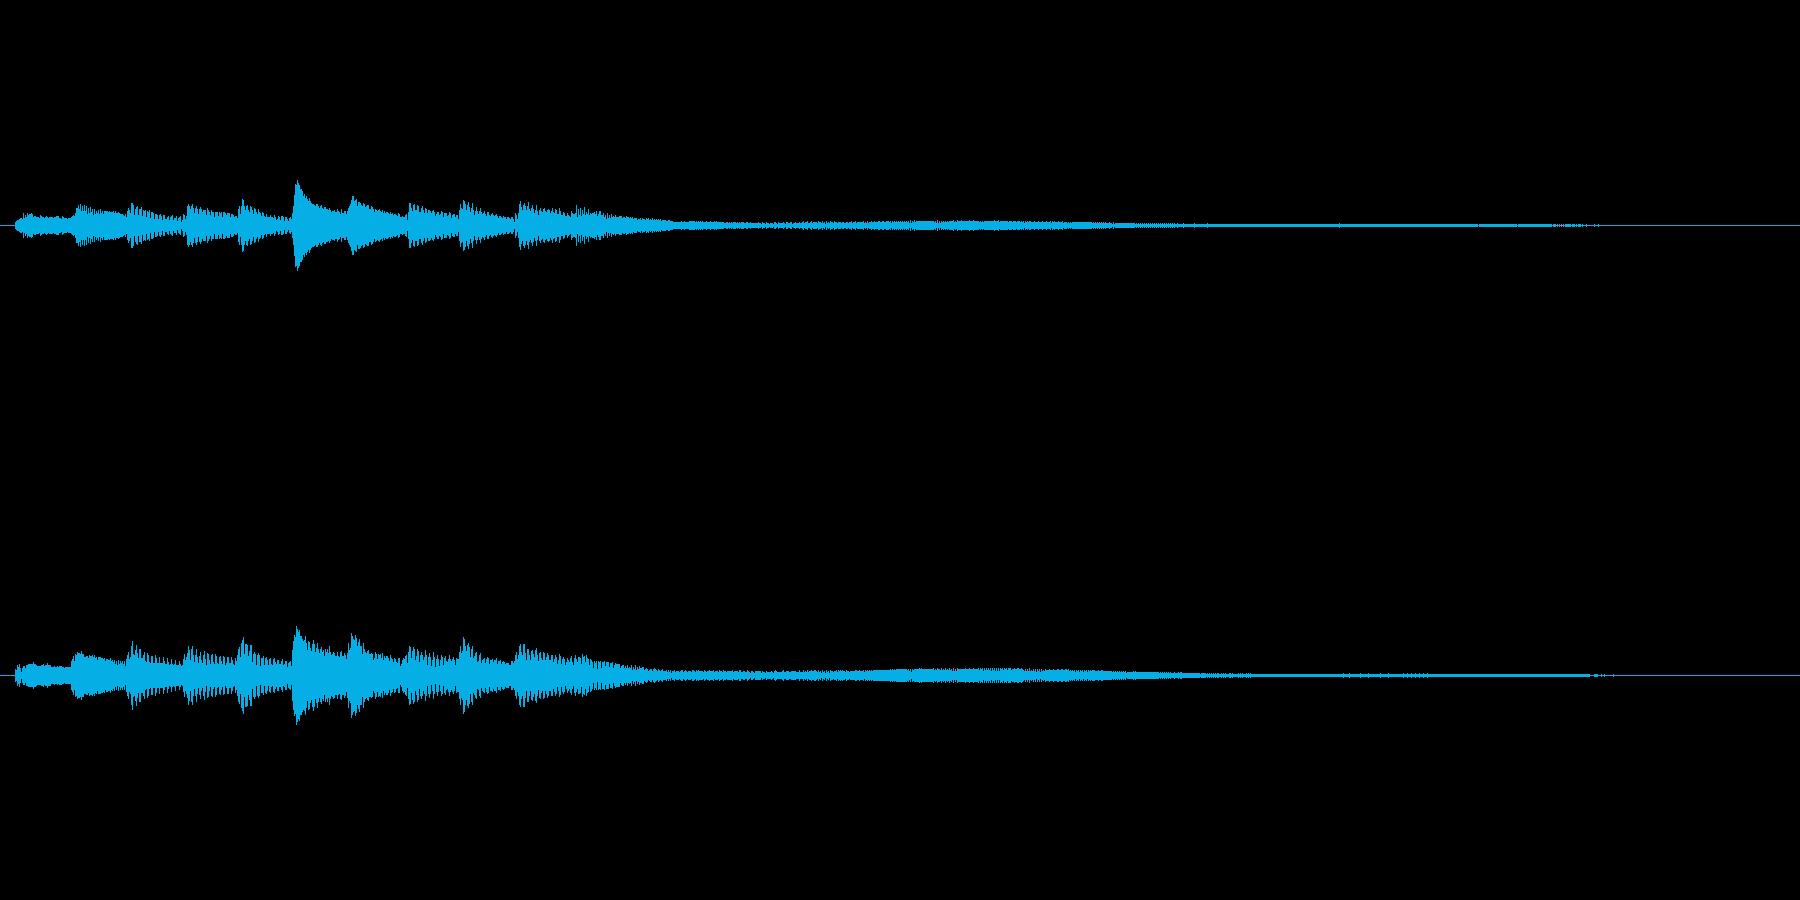 ピアノのアルペジオ演奏による起動音の再生済みの波形